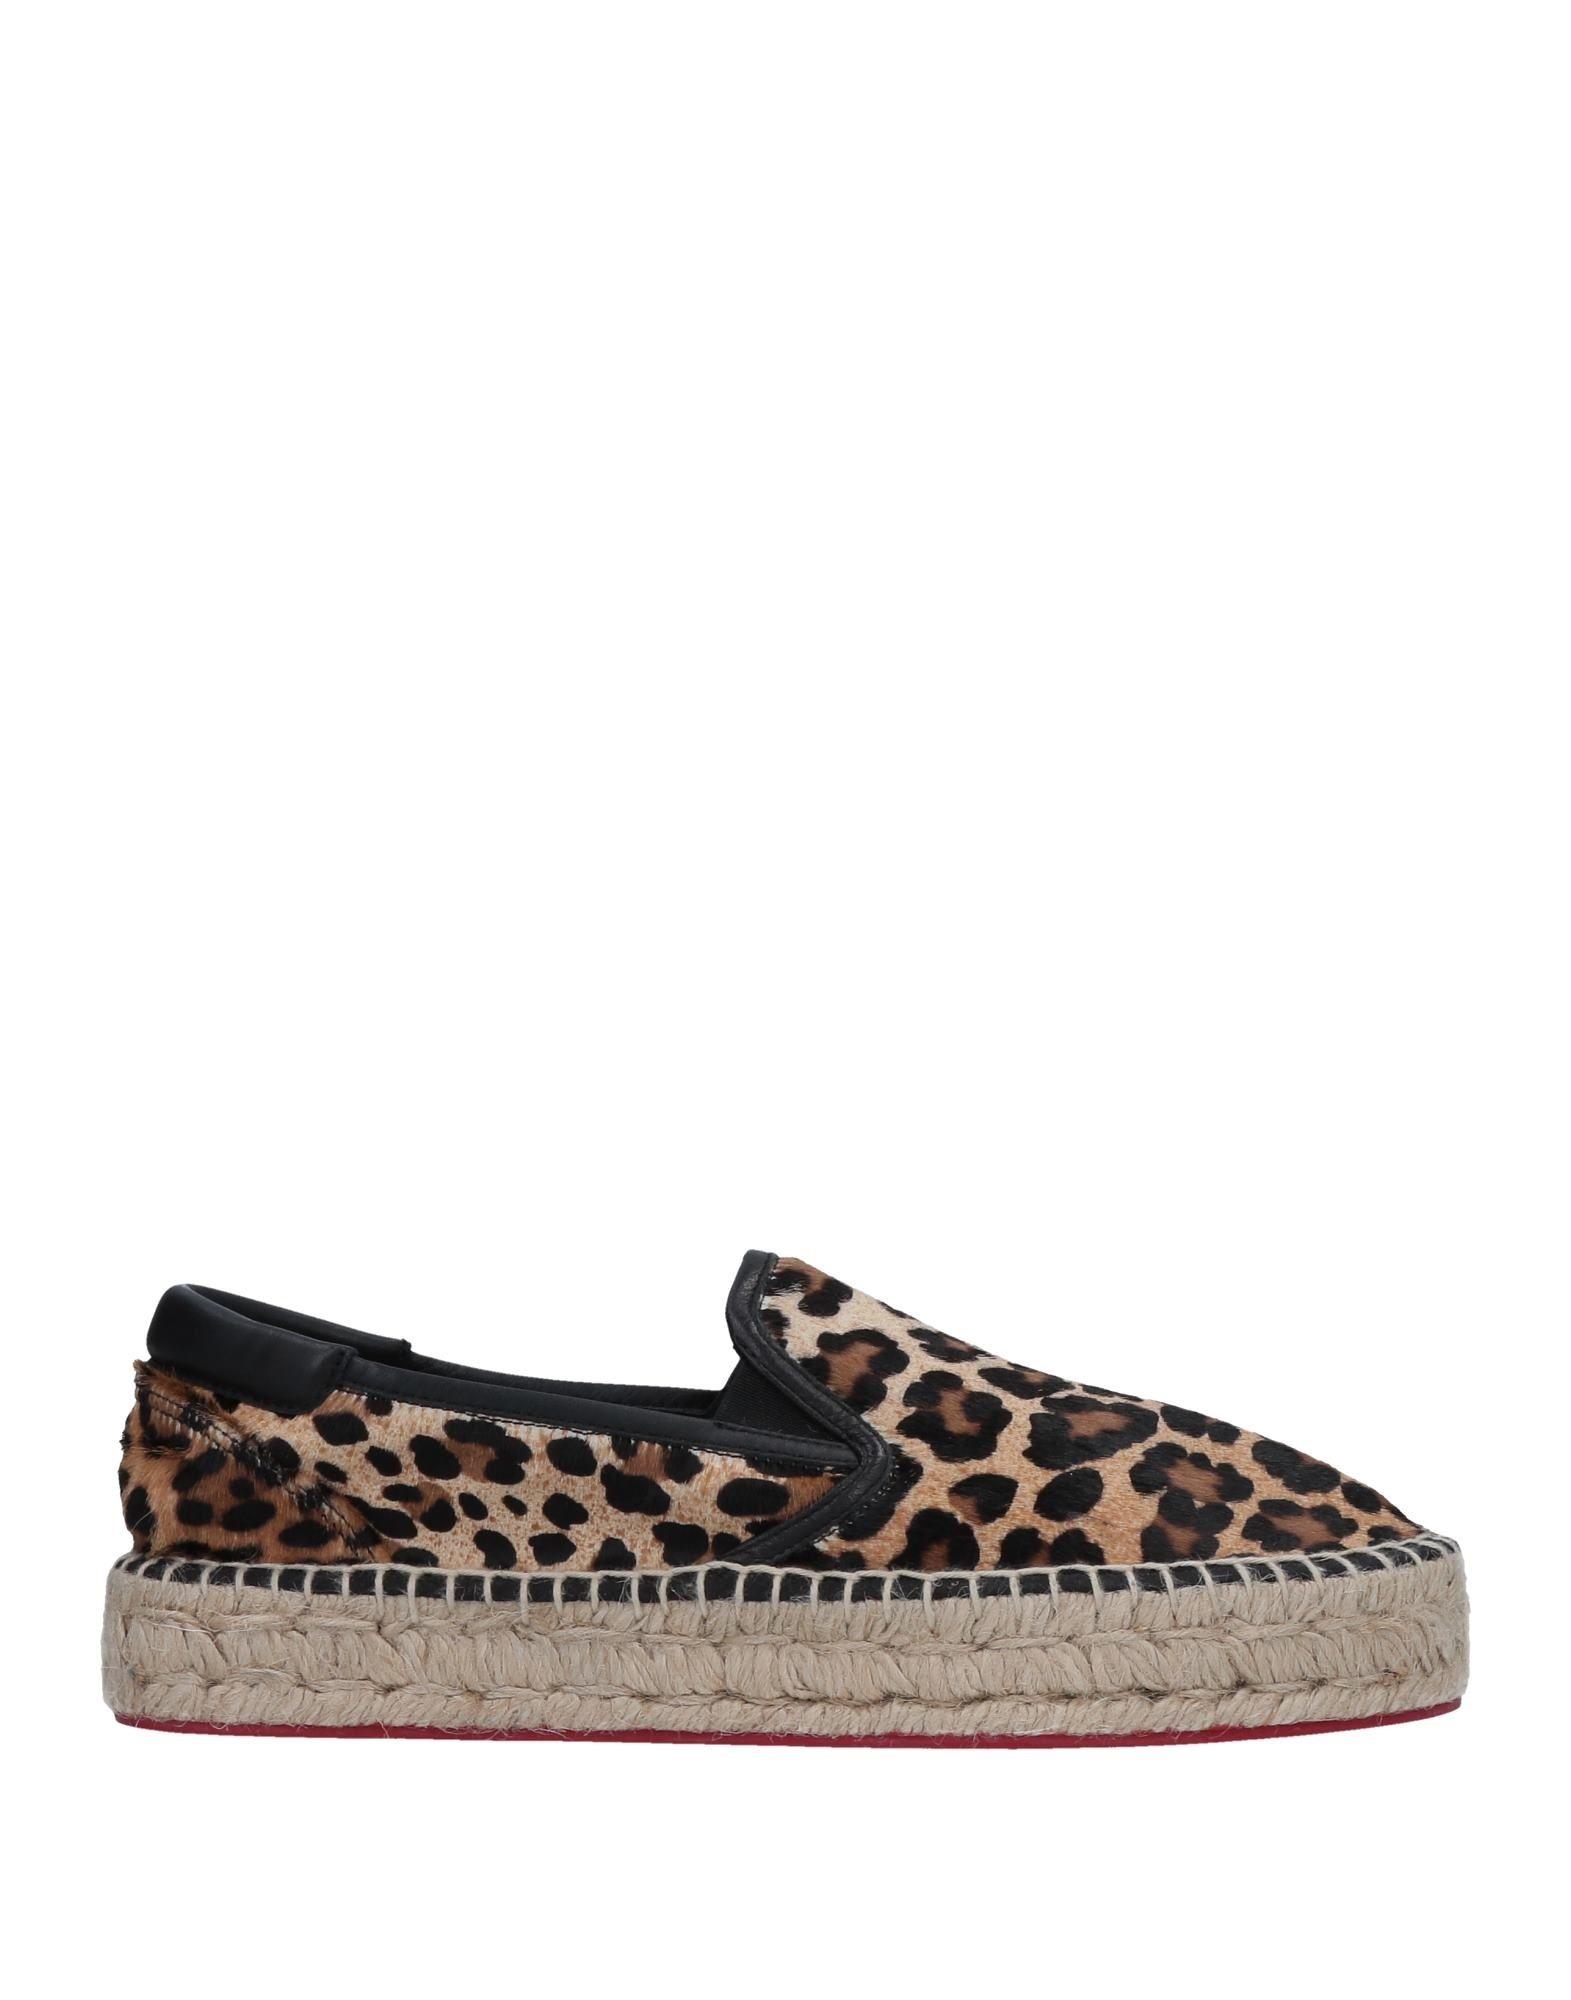 Gut tragenL'espadrille um billige Schuhe zu tragenL'espadrille Gut Tropezienne® Espadrilles Damen  11510979EA 27fefb